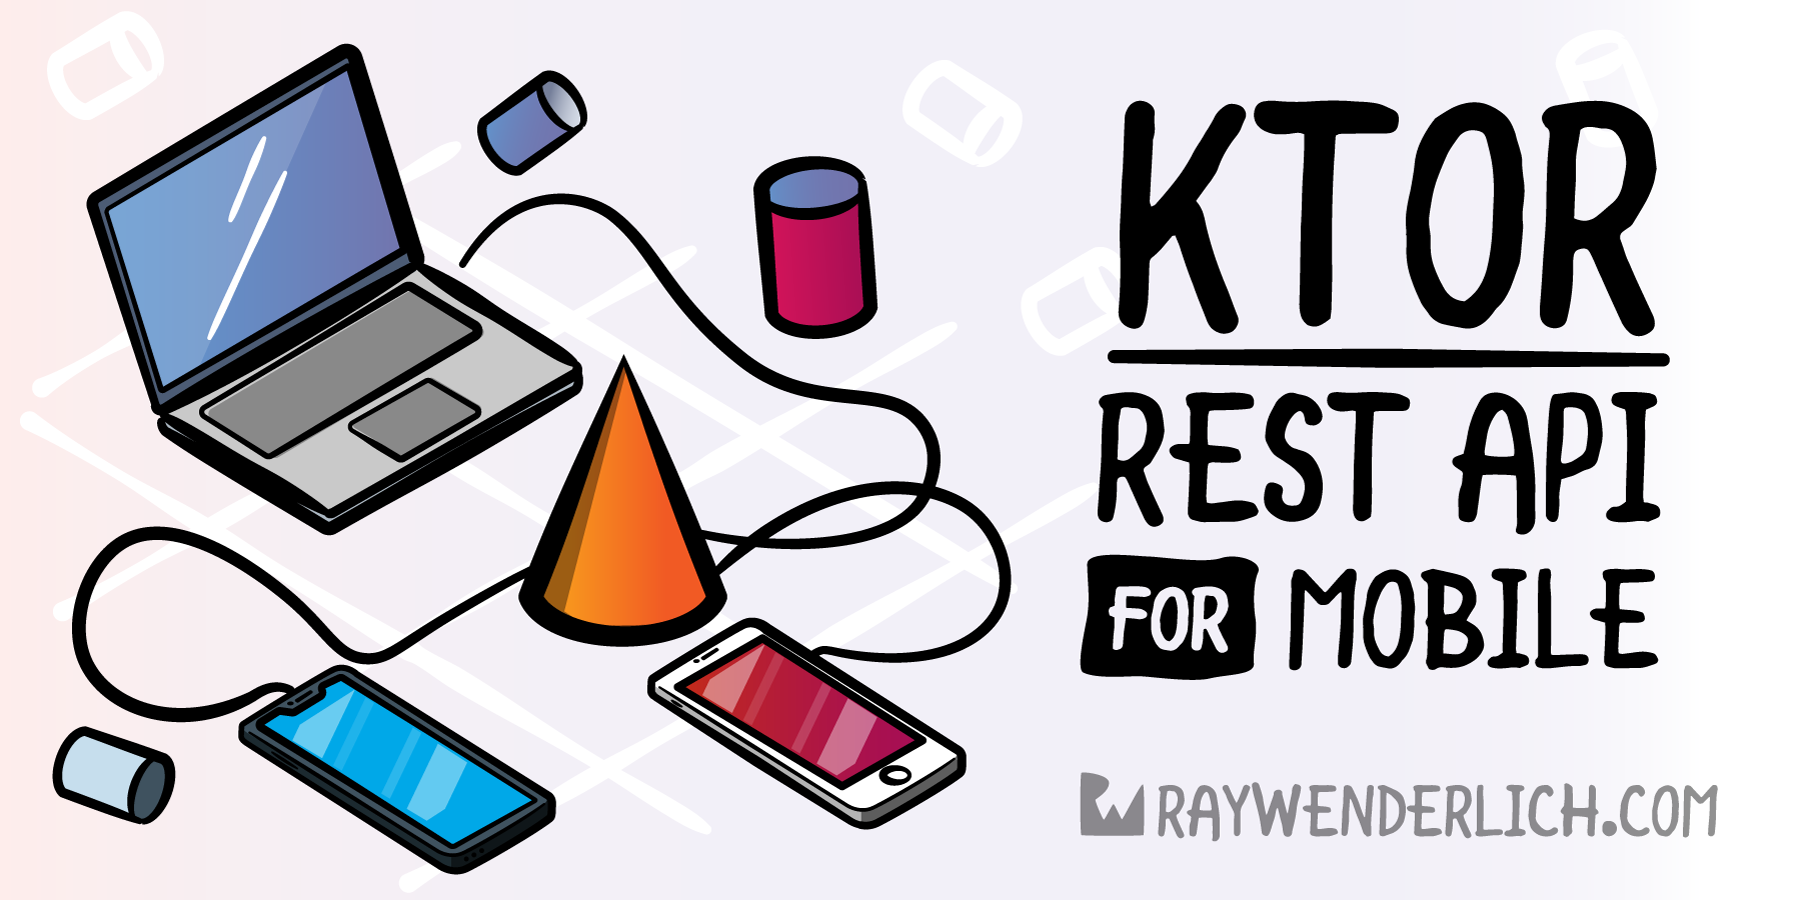 Ktor: REST API for Mobile [FREE] - RapidAPI